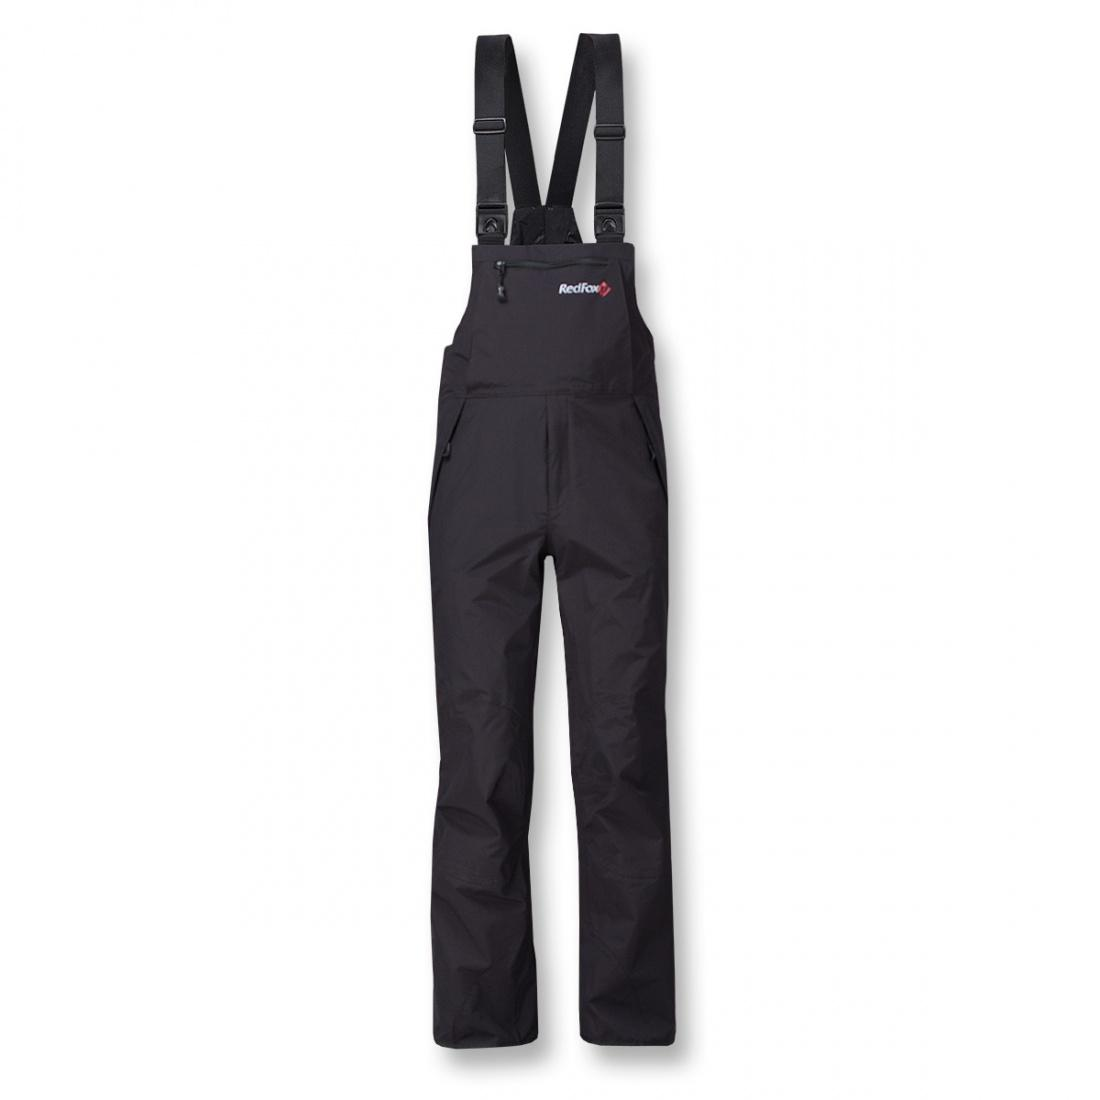 Брюки ветрозащитные Mont BlancБрюки, штаны<br>Штормовой полукомбинезон из серия Mountain Sport. Разъемные двухзамковые молнии по всей длине боковых швов позволят снять и надеть полукомбинезон, не снимая обуви.  <br> <br><br>Материал – Dry Factor 1000.<br>Проклеенные швы.<br>&lt;li...<br><br>Цвет: Черный<br>Размер: 56